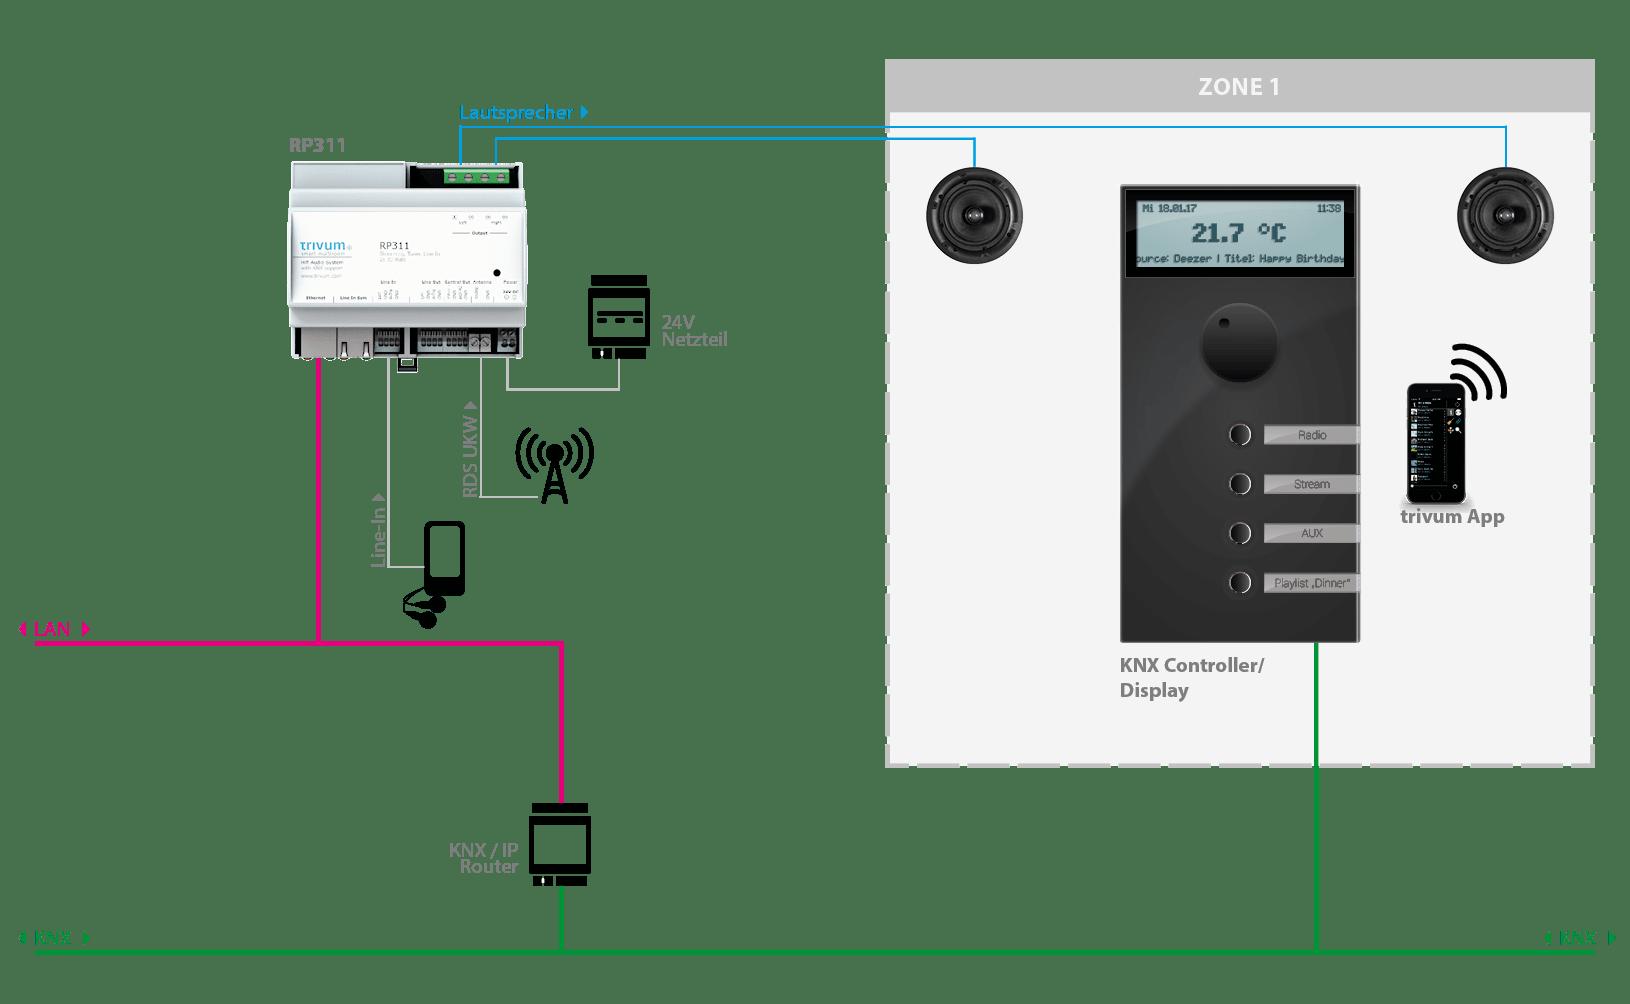 trivum Multiroom System gesteuert von einem KNX-Controller/Display